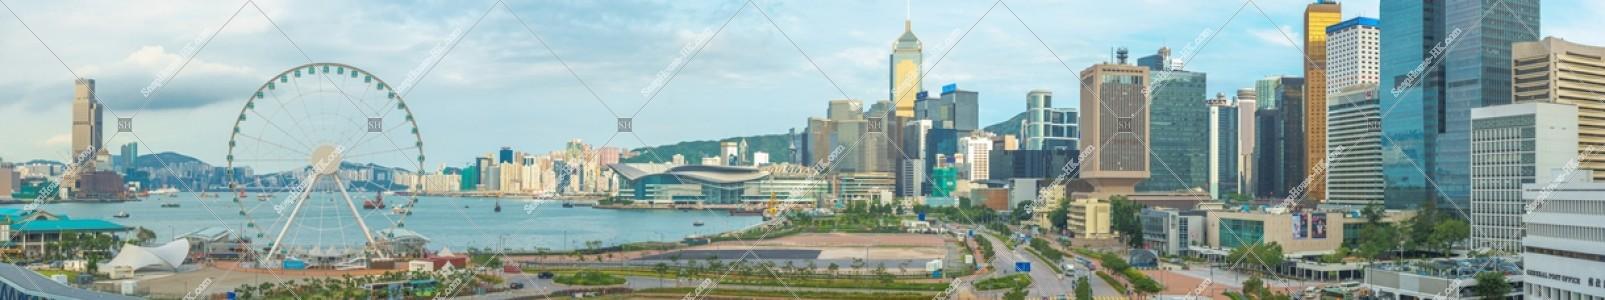 香港観覧車と湾仔(灣仔)及びセントラル(中環)の高層ビル群のパノラマ風景 その③